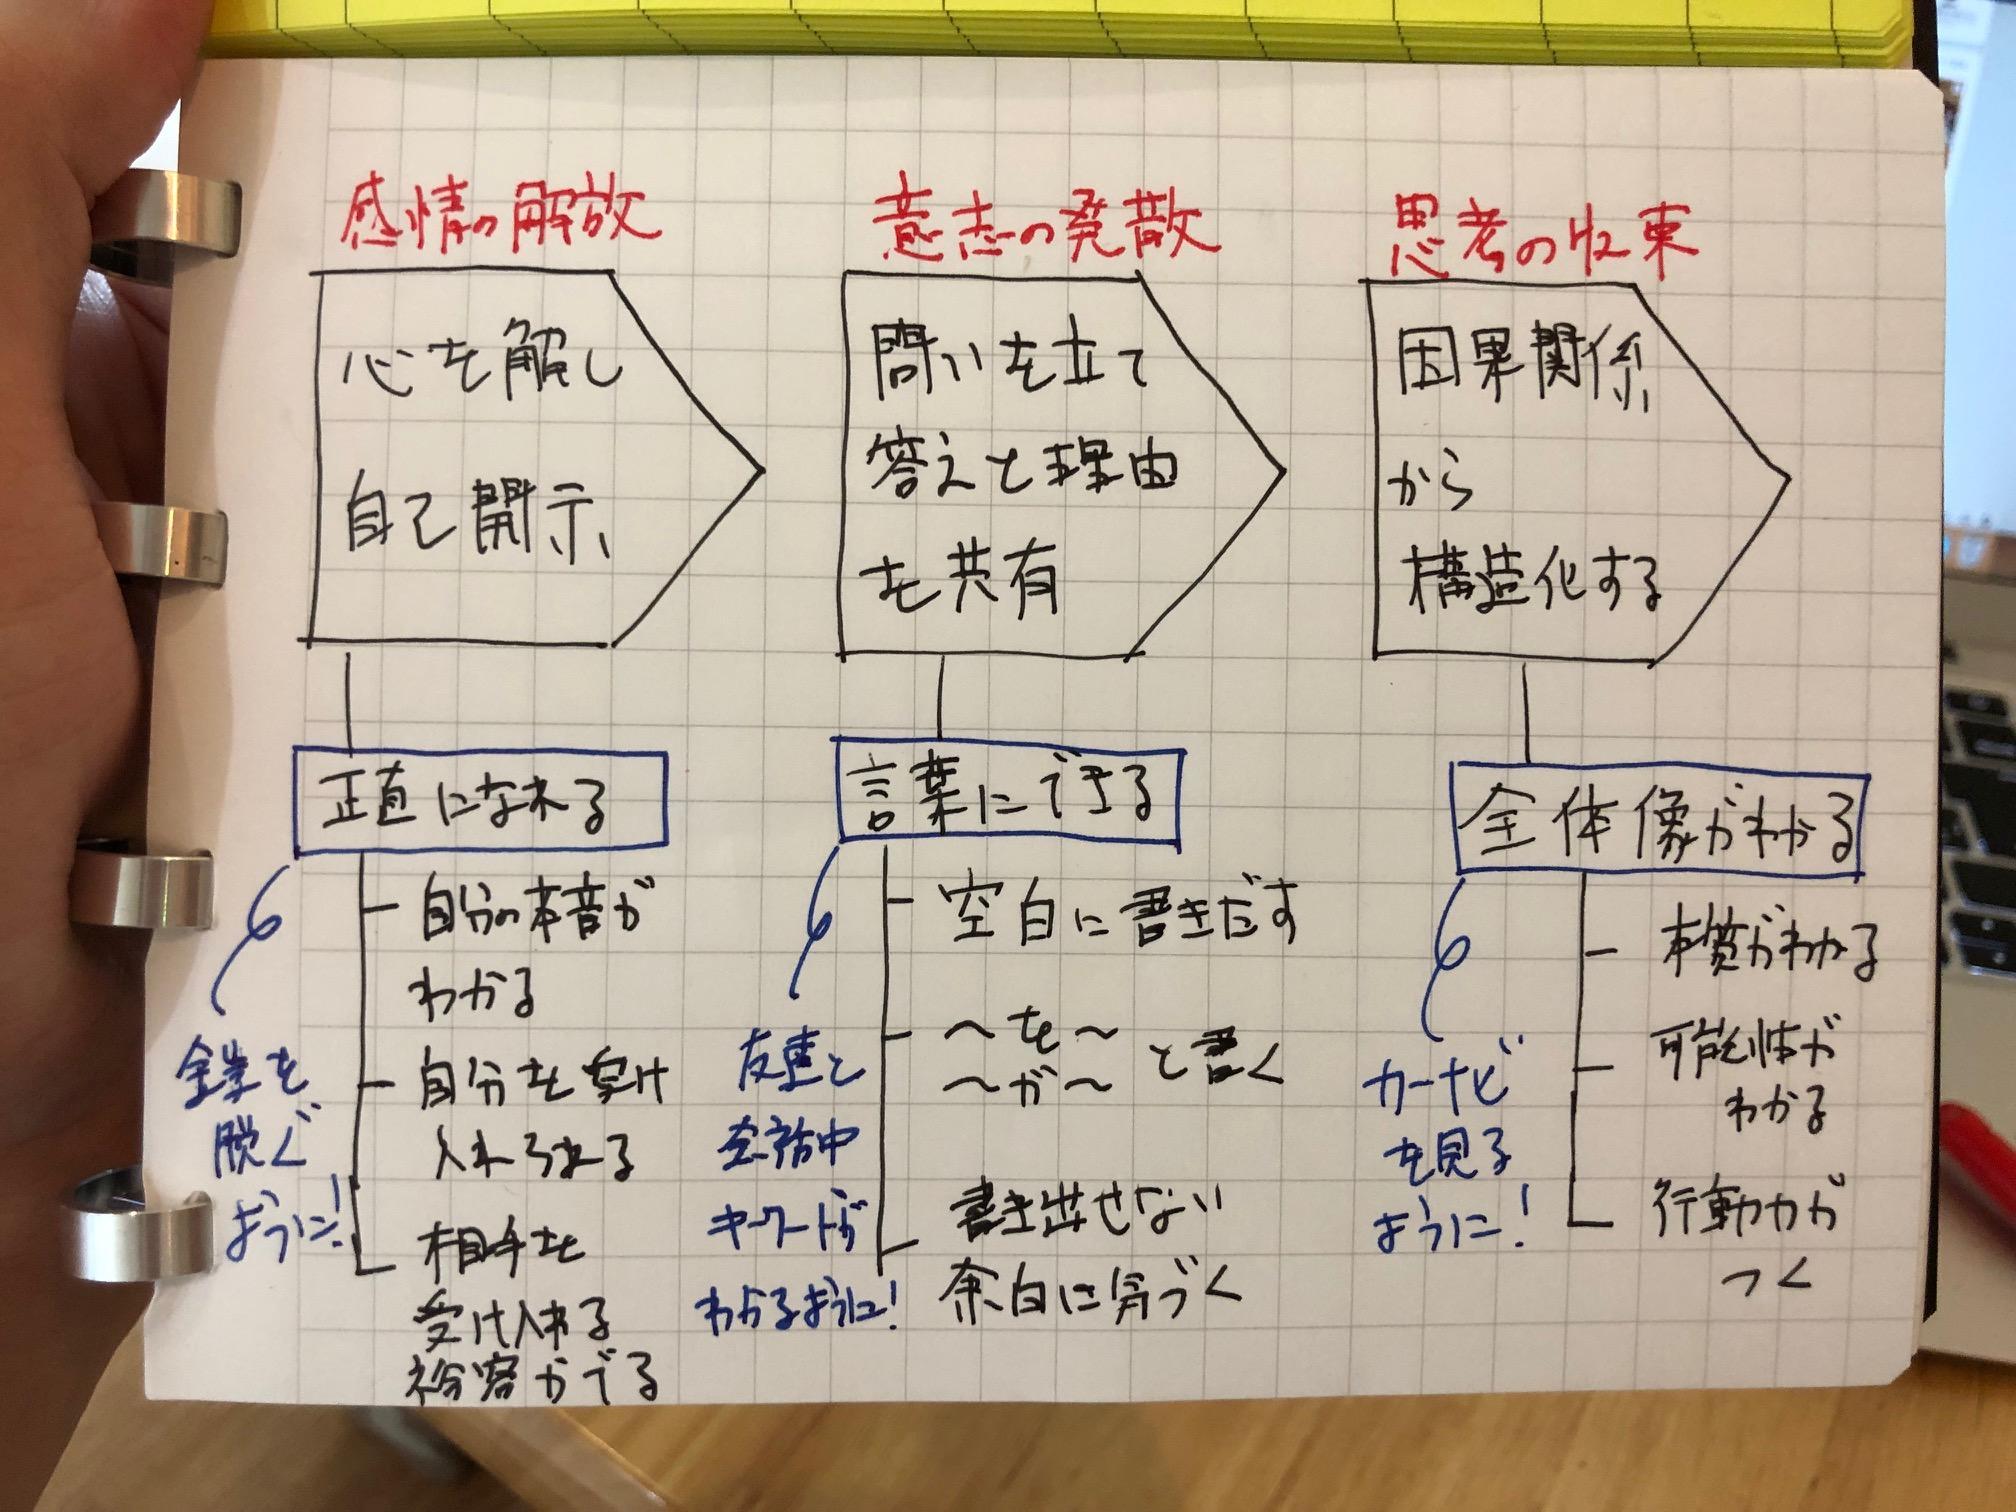 http://www.zukai.or.jp/news/f59ea7f532b2eb1a54684378efb851c881b57431.jpg